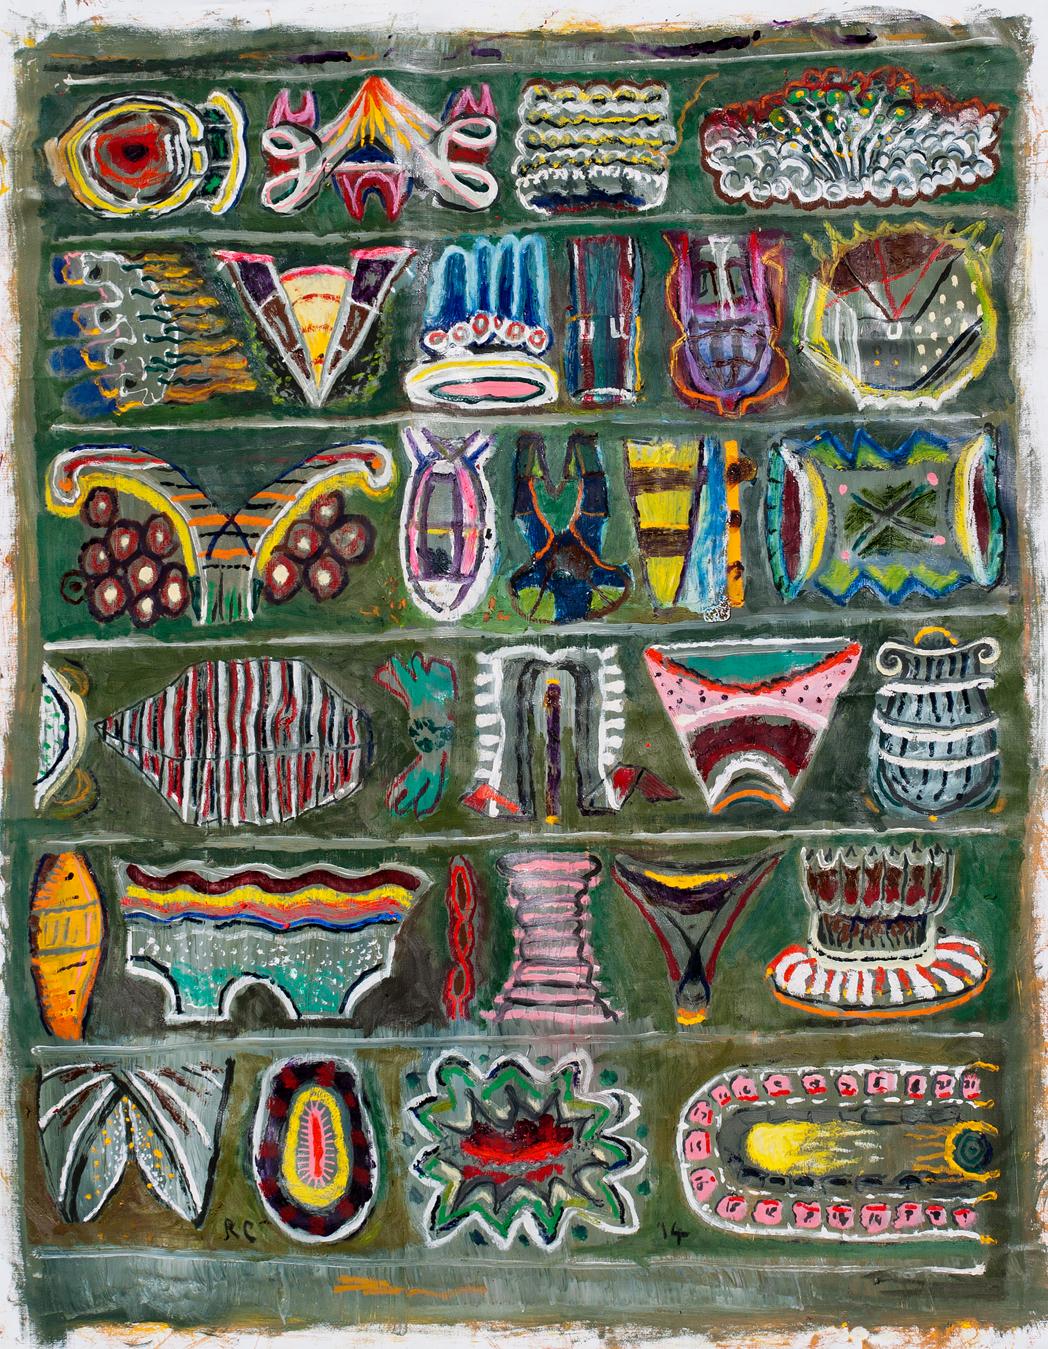 ART OBJECTS (2014)